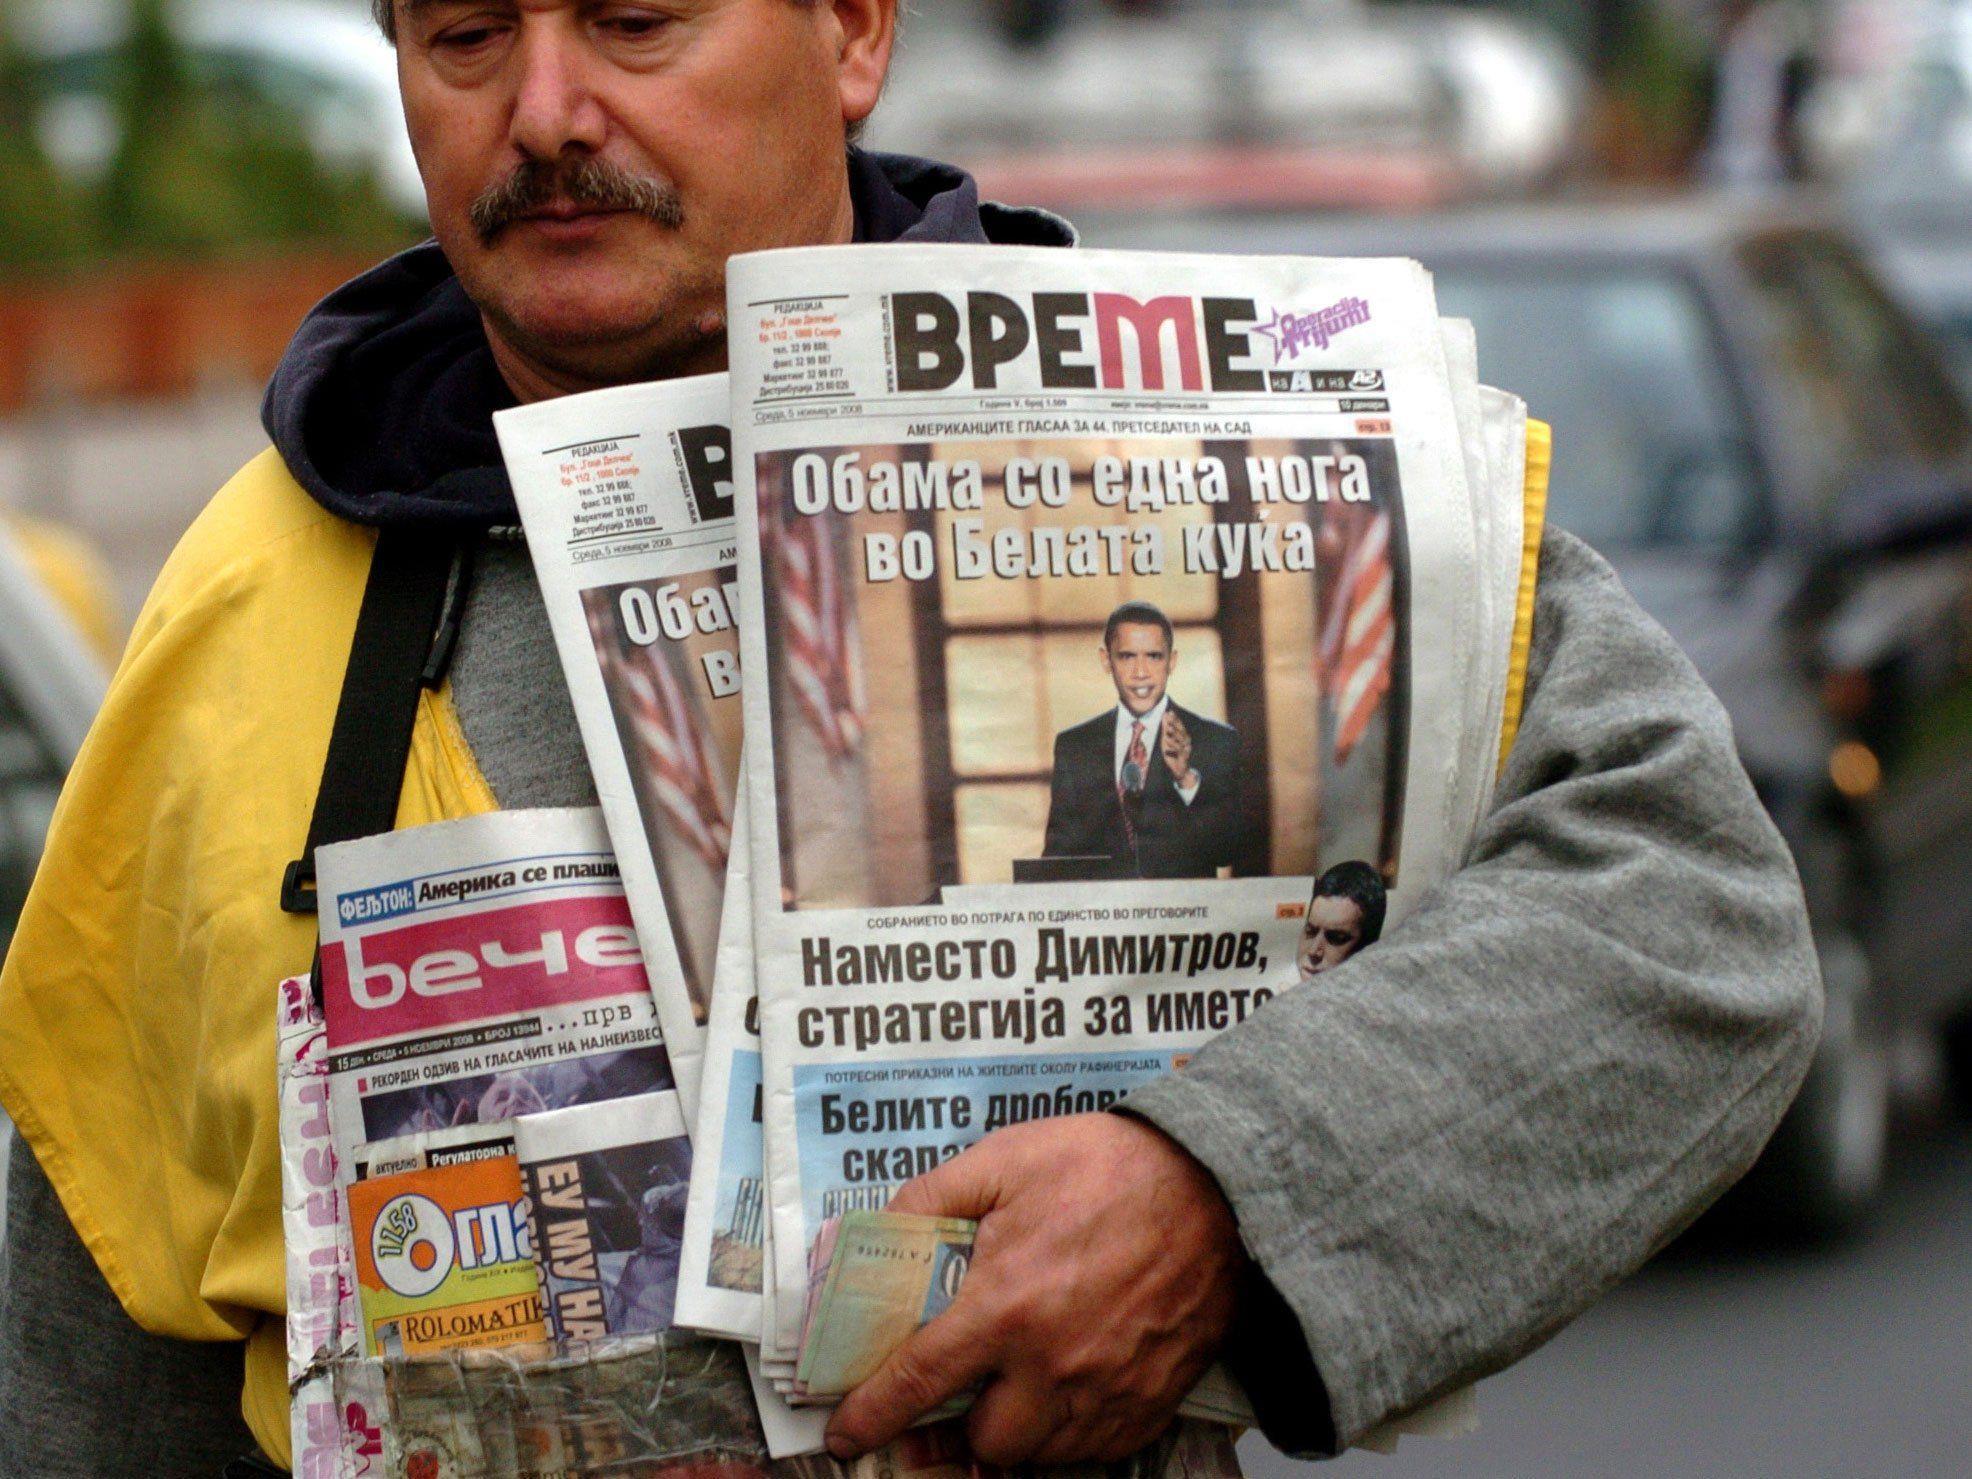 Man befürchtet, dass das neue Gesetz zur Medienzensur genutzt werden könnte.